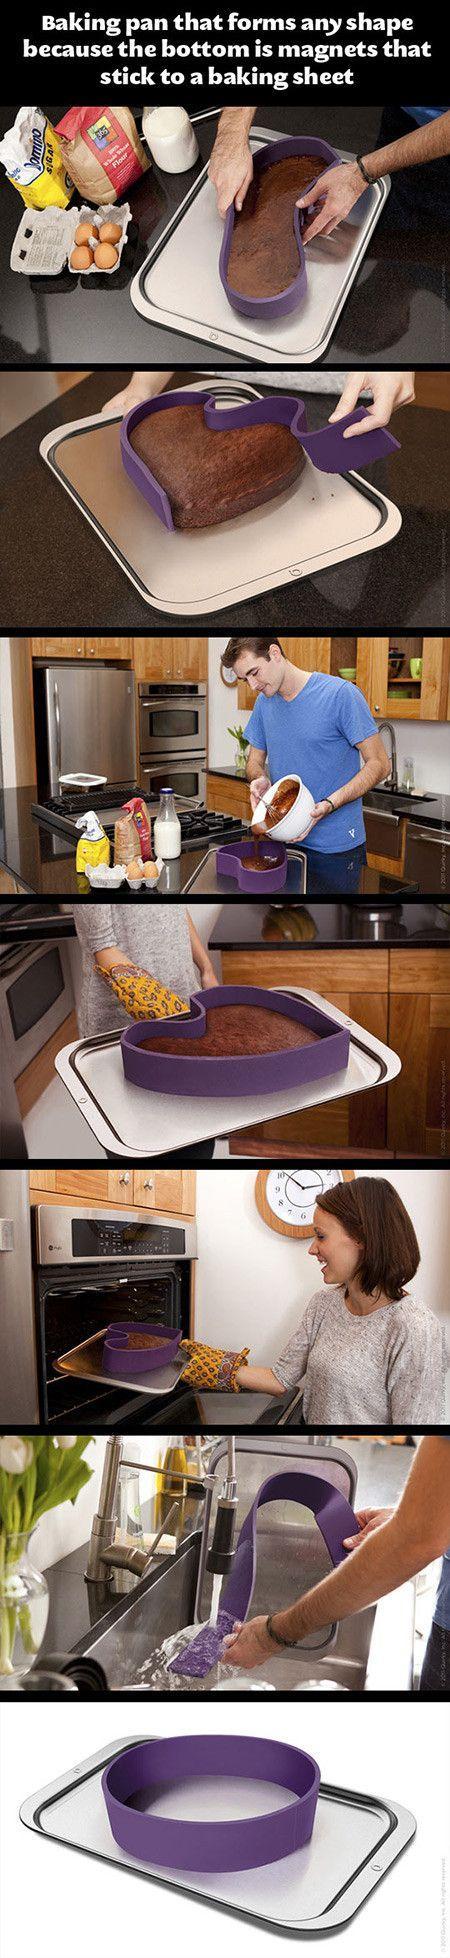 Hochzeit - Cool Home Gadget That Every Geek Needs In The Kitchen - TechEBlog